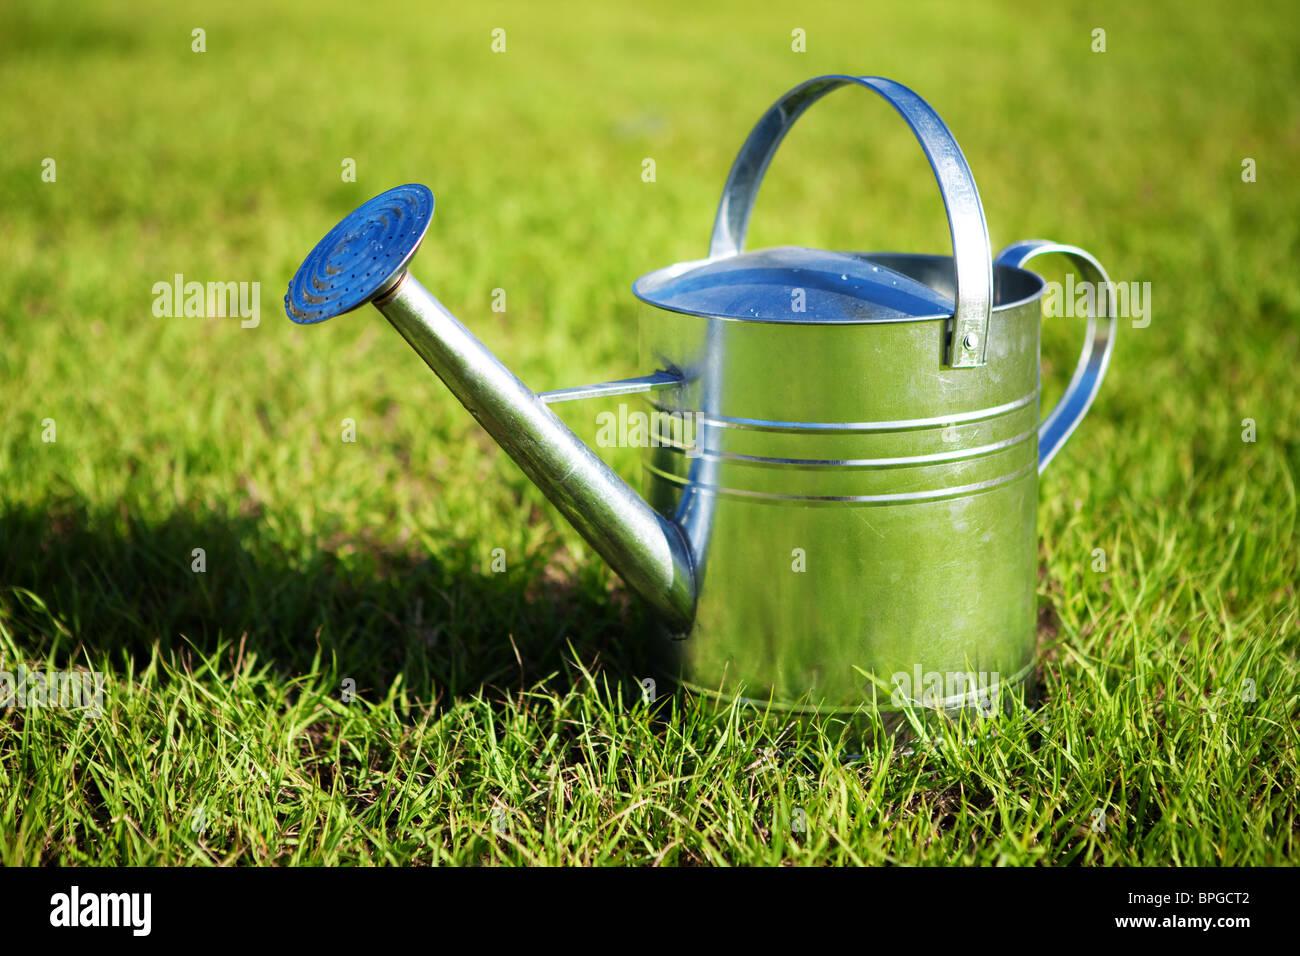 Regadera de metal brillante en la hierba verde Foto de stock